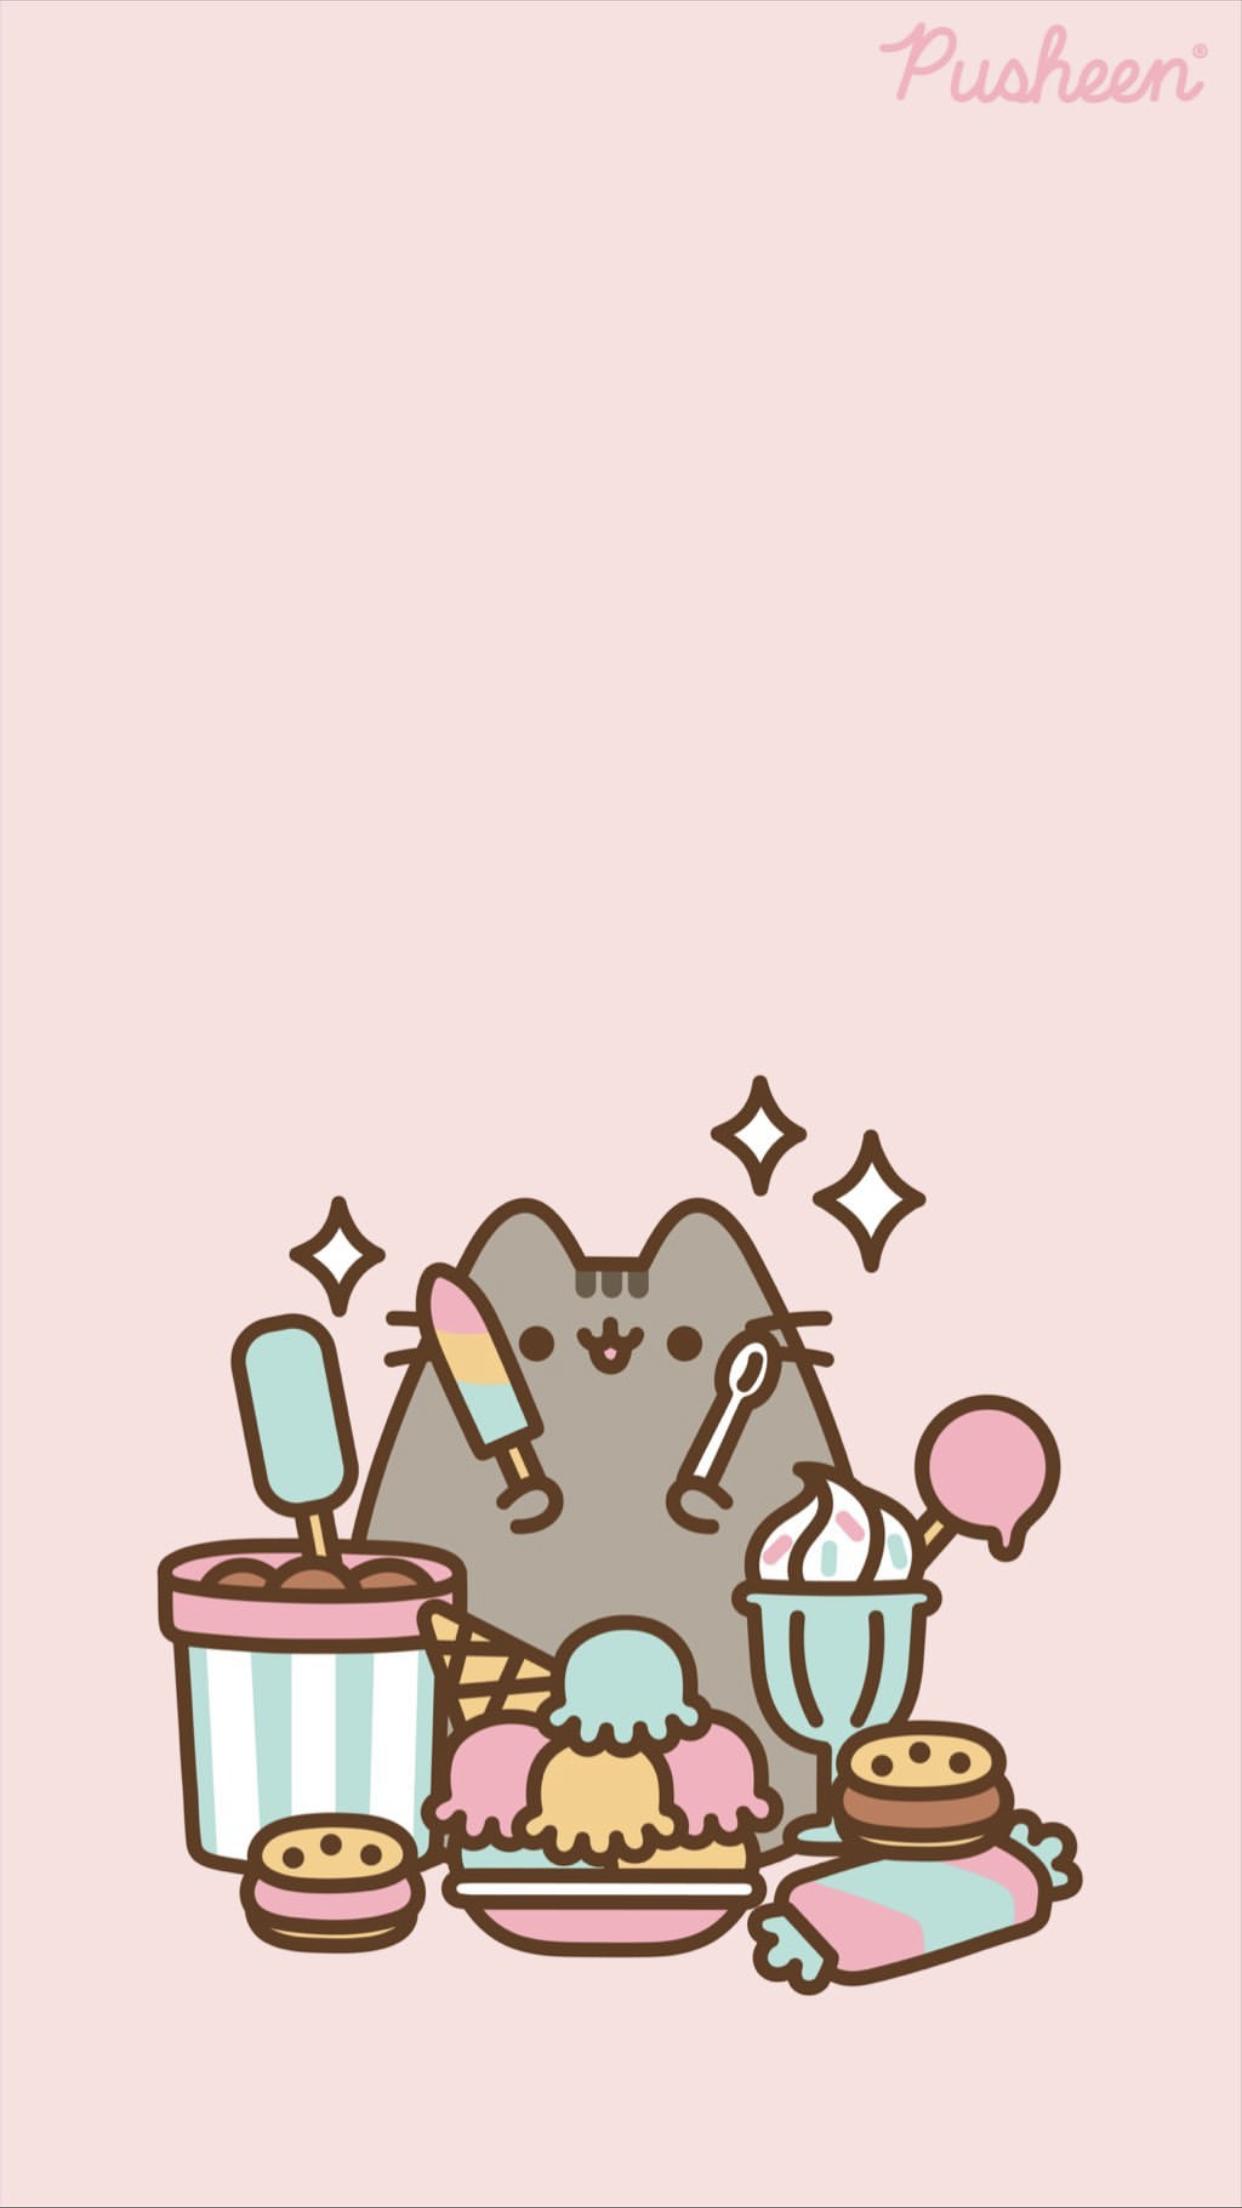 Pusheen The Cat Iphone Wallpaper Pusheen Cute Pusheen Pusheen Cat